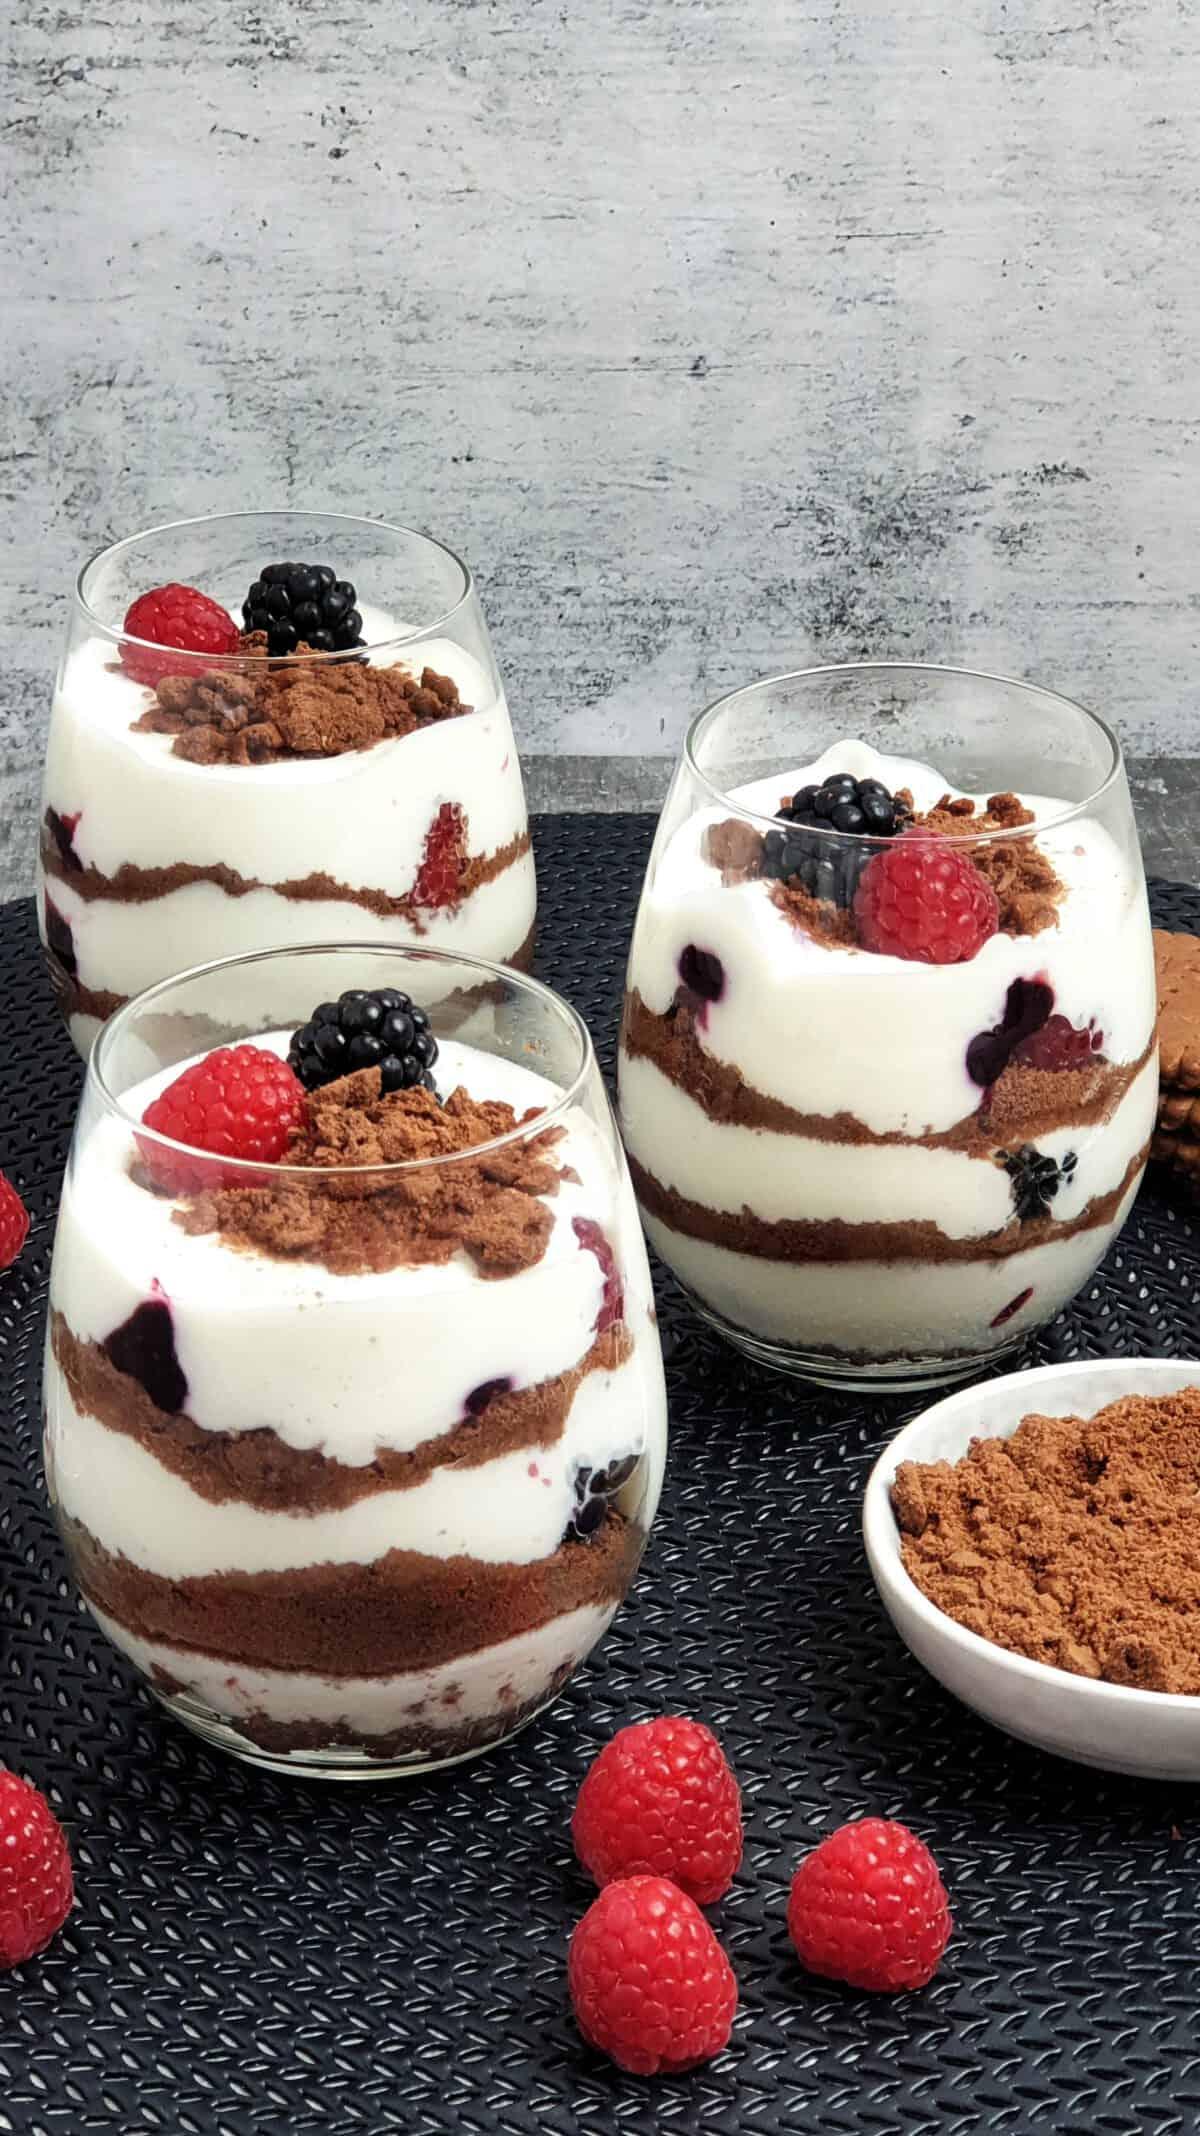 3 Gläser mit Beeren Cheesecake Dessert auf einer schwarzen Unterlage. Daneben Deko.